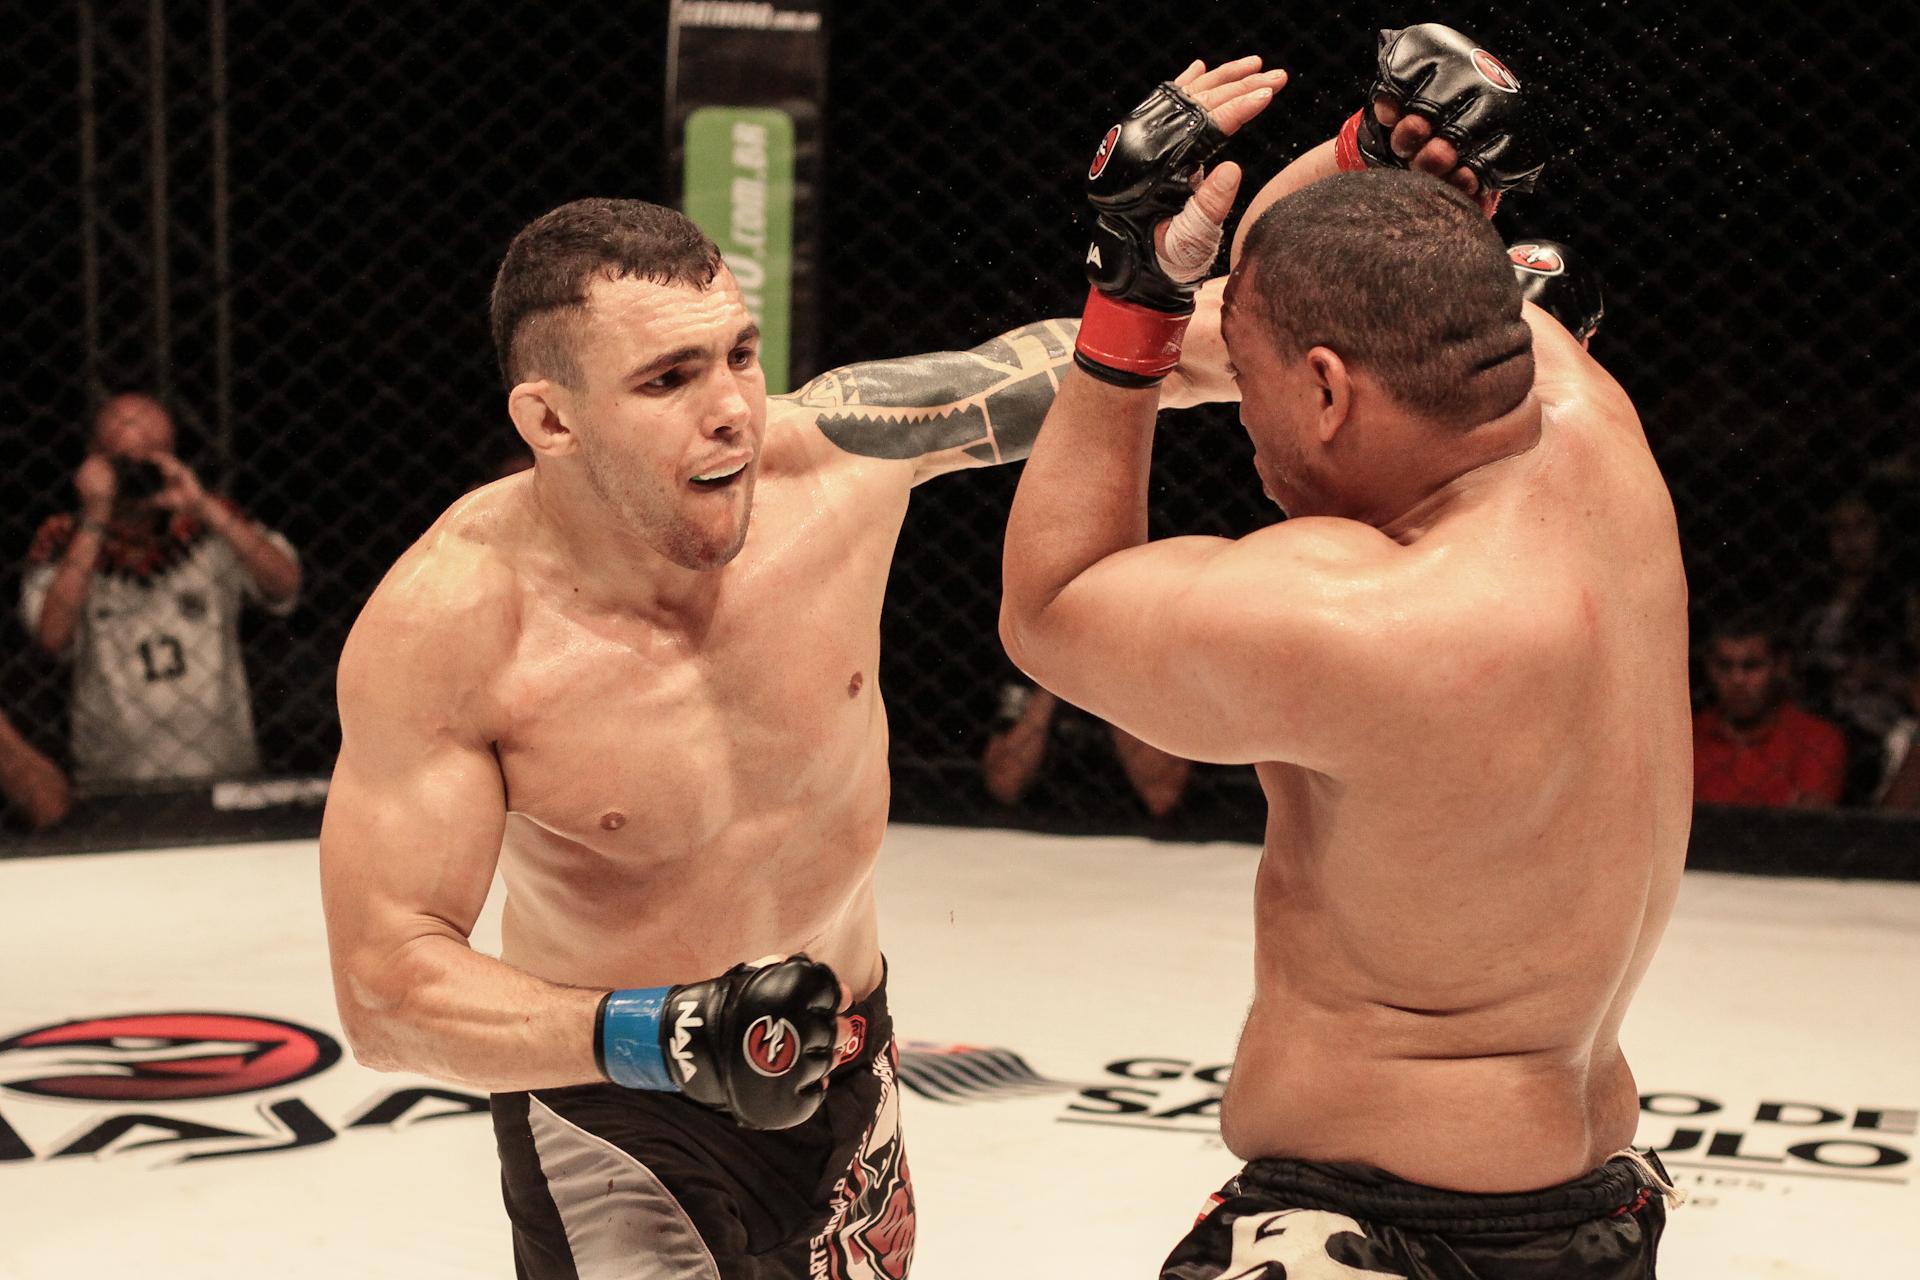 Luis Banha no combate contra Fábio Silva. Foto: Fusion Photografy/Divulgação